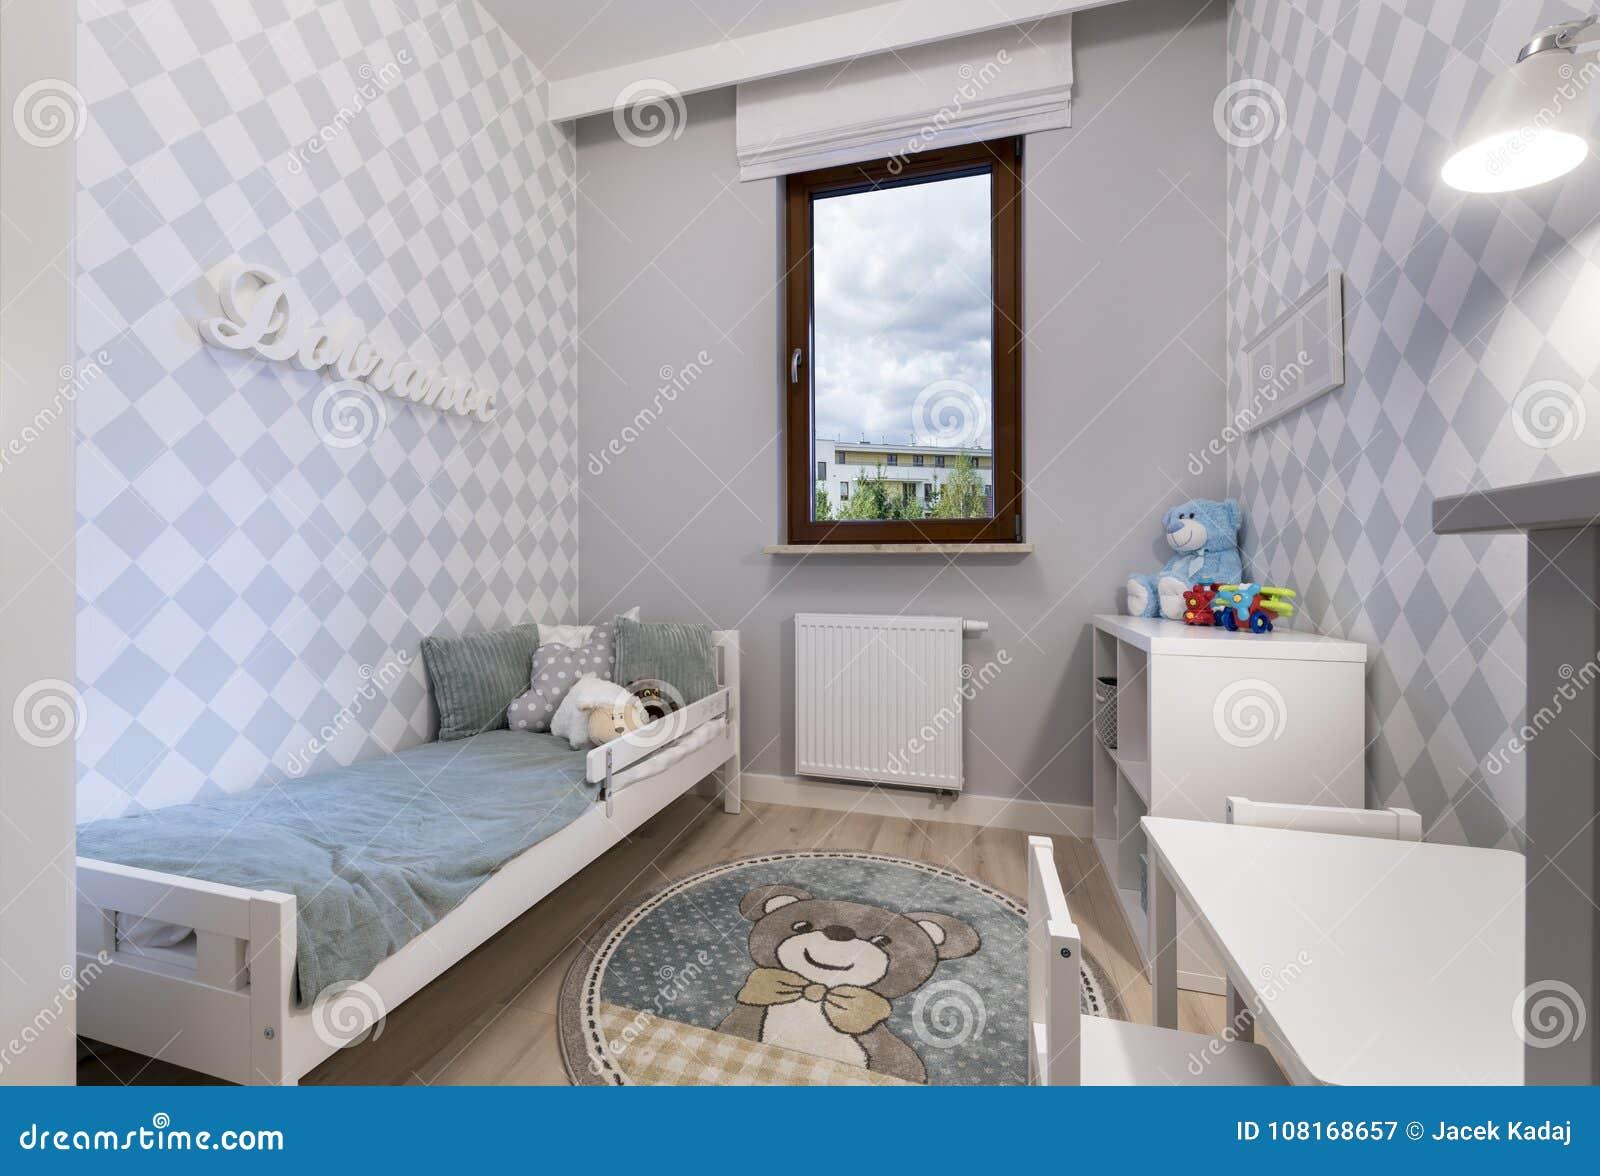 Deco Petite Chambre Enfant petite chambre d'enfant en appartement moderne image stock